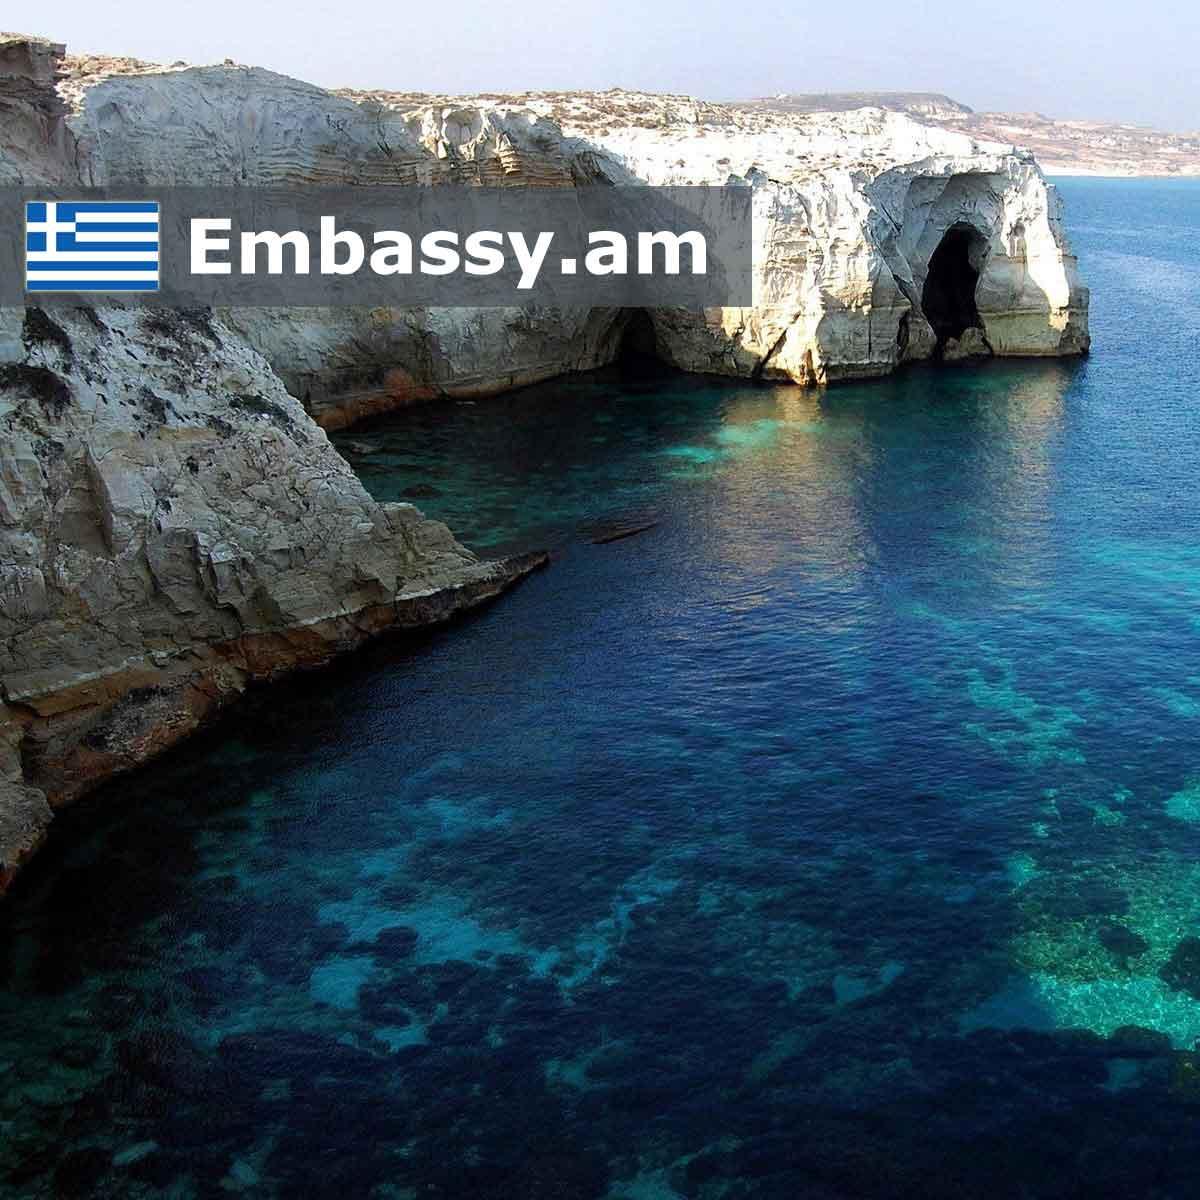 Միլոս - Հյուրանոցներ Հունաստանում - Embassy.am